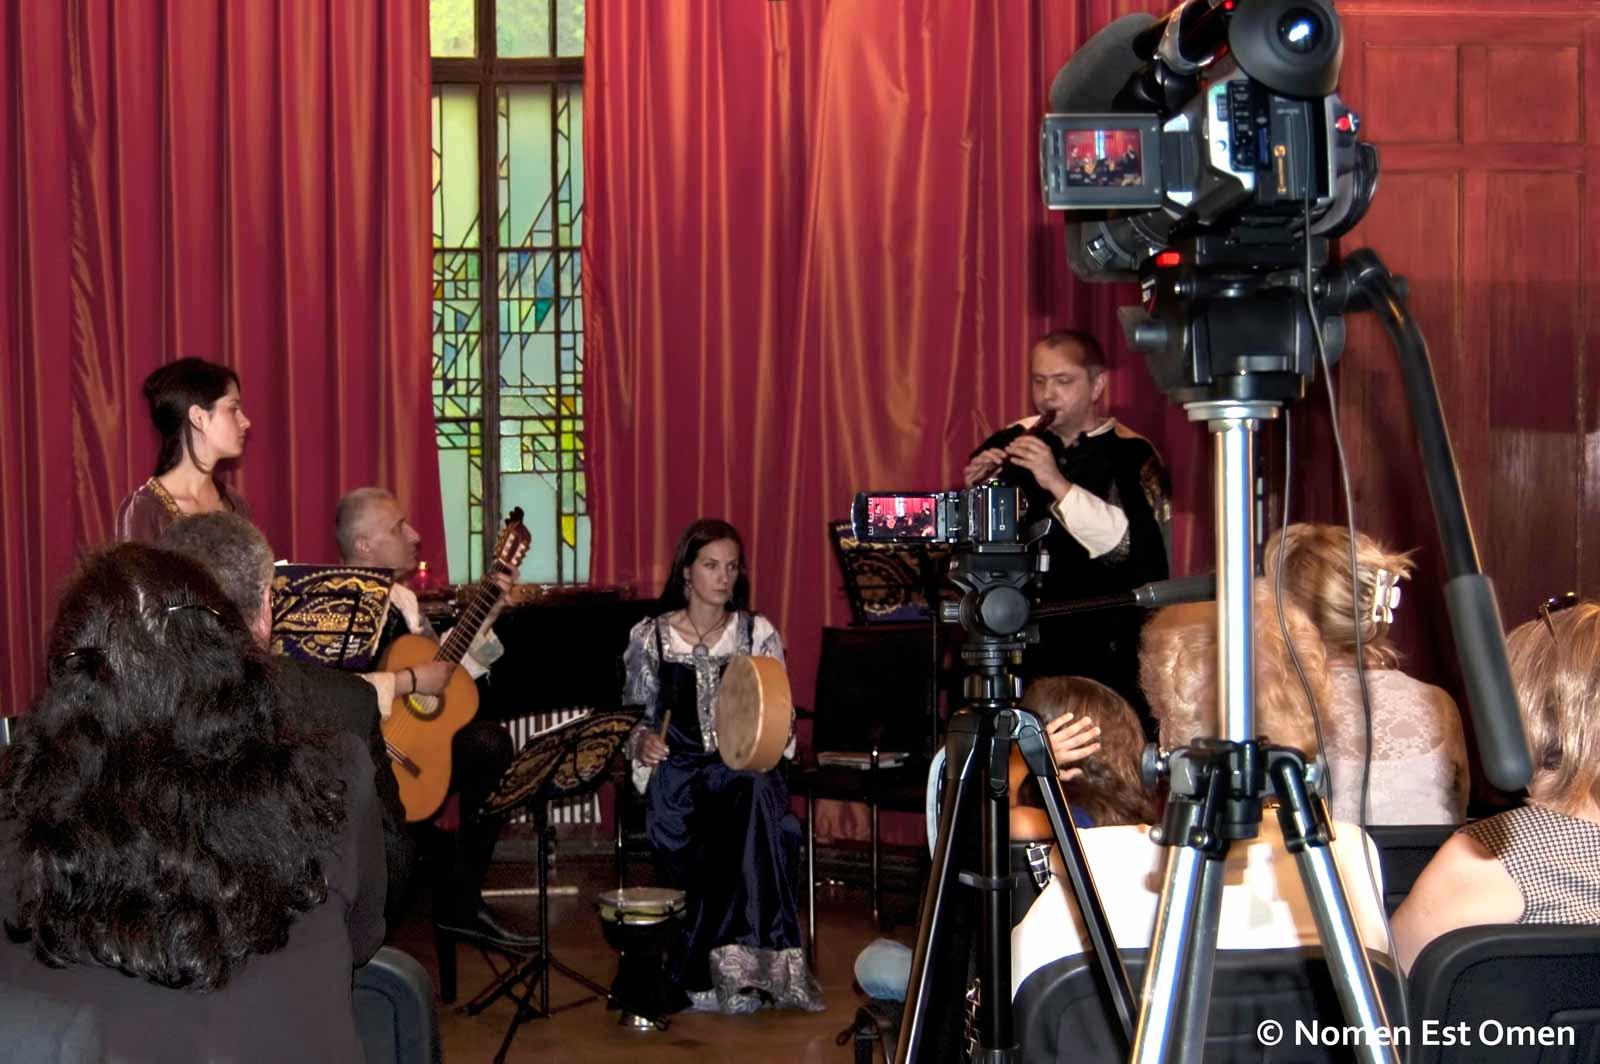 Filmari concerte Nomen Est Omen